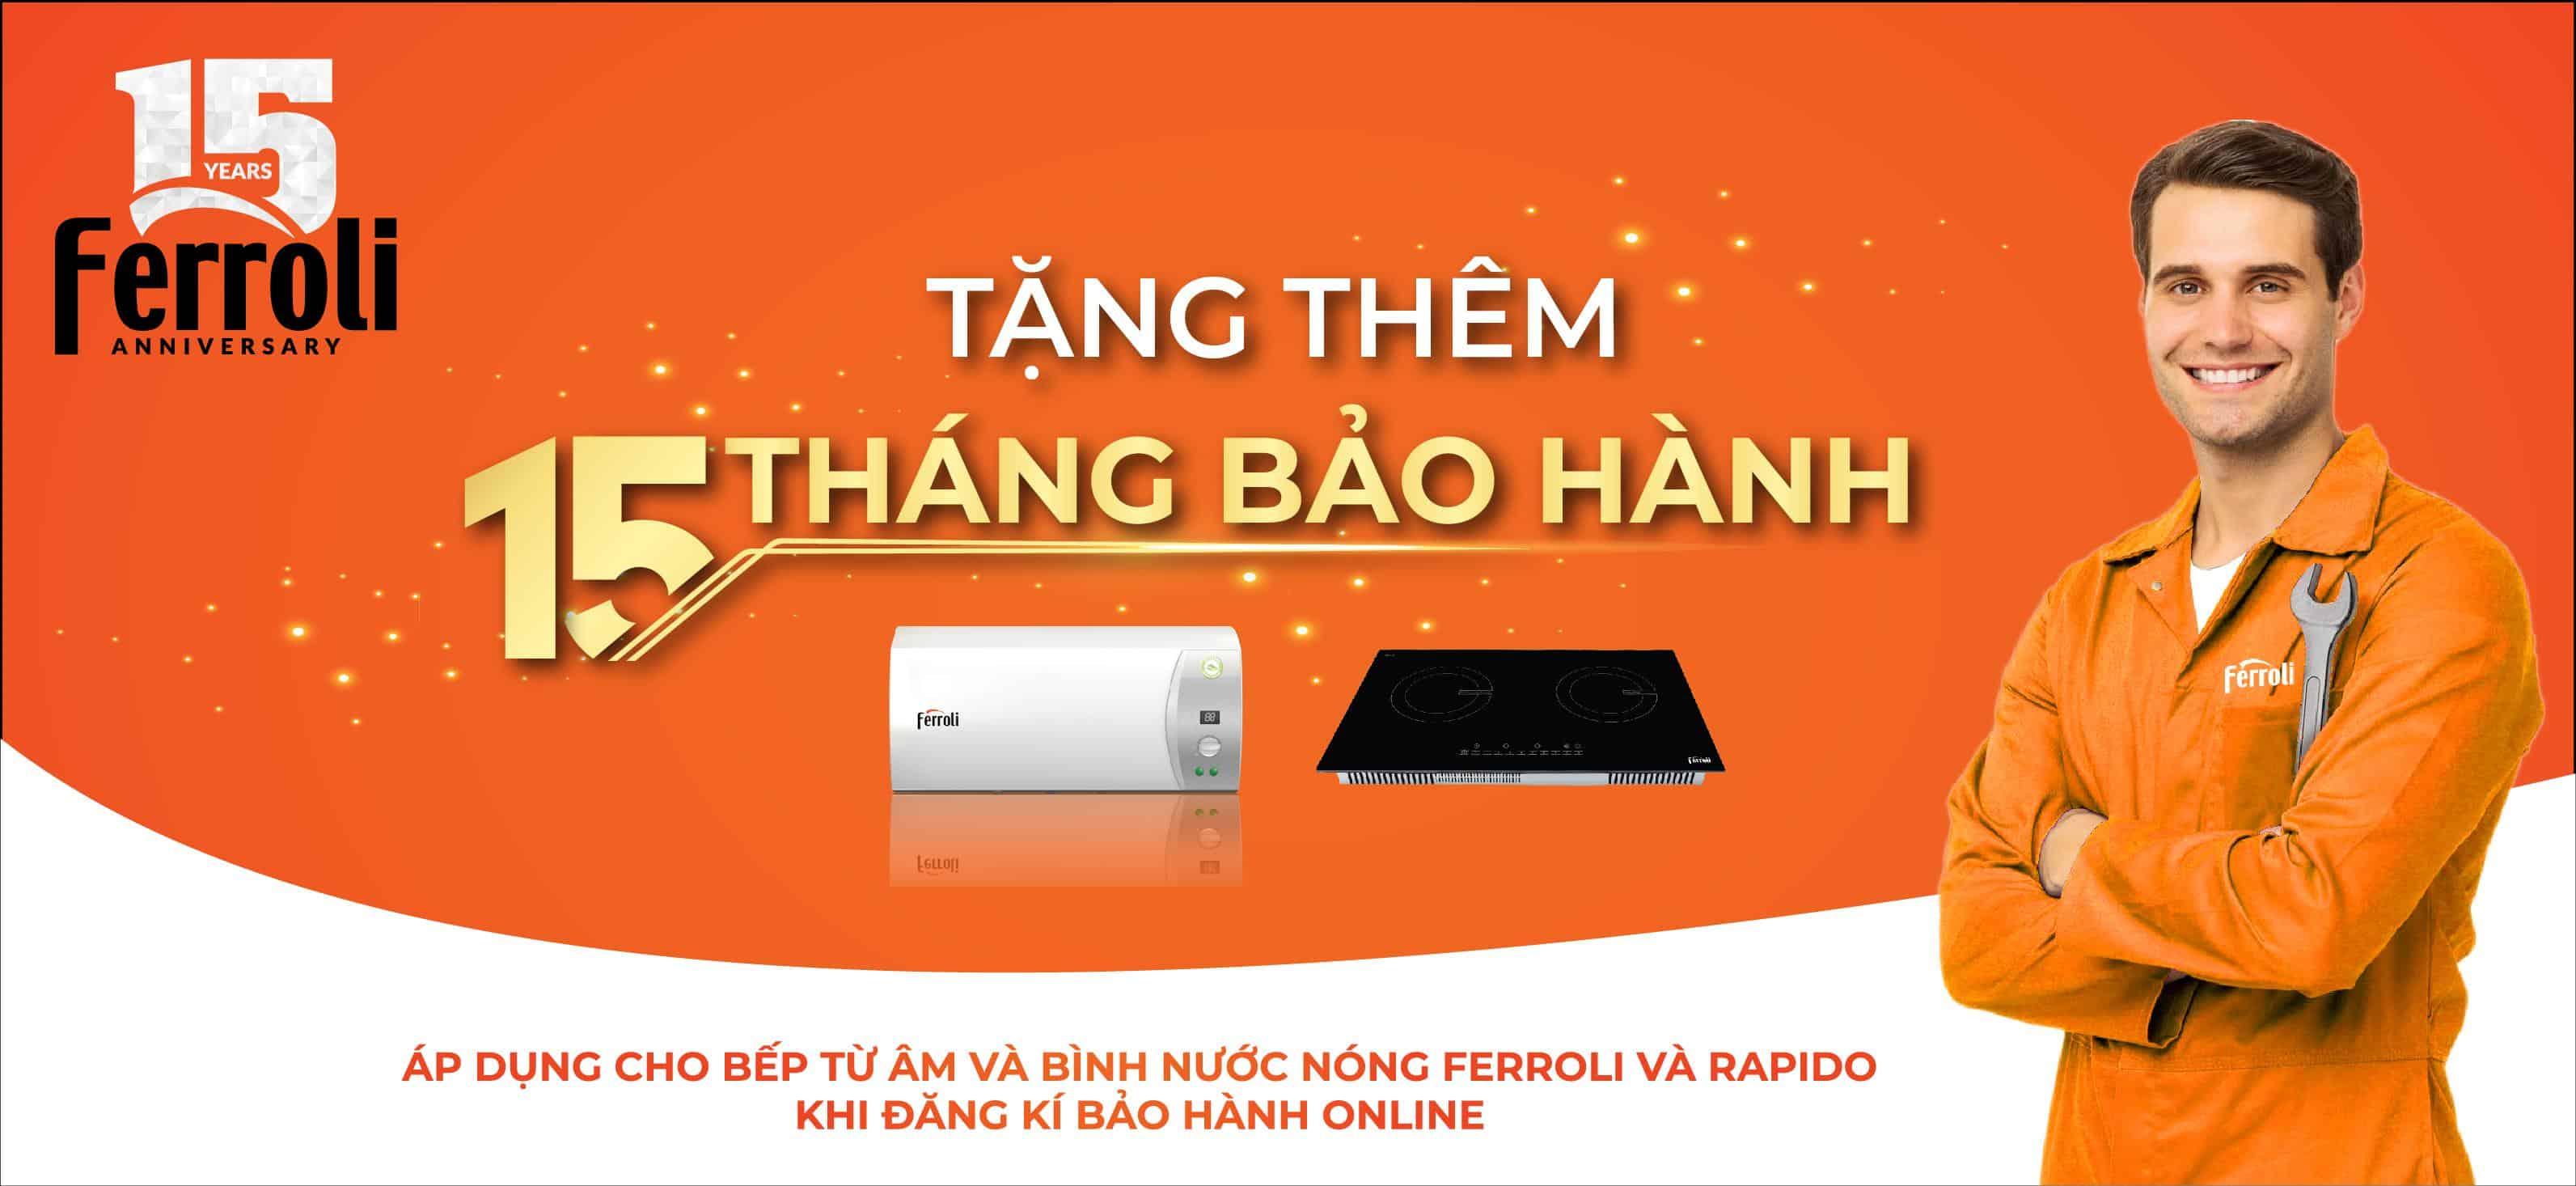 Ferroli kỷ niệm 15 năm thành lập tại Việt Nam với nhiều chương trình khuyến mãi hấp dẫn